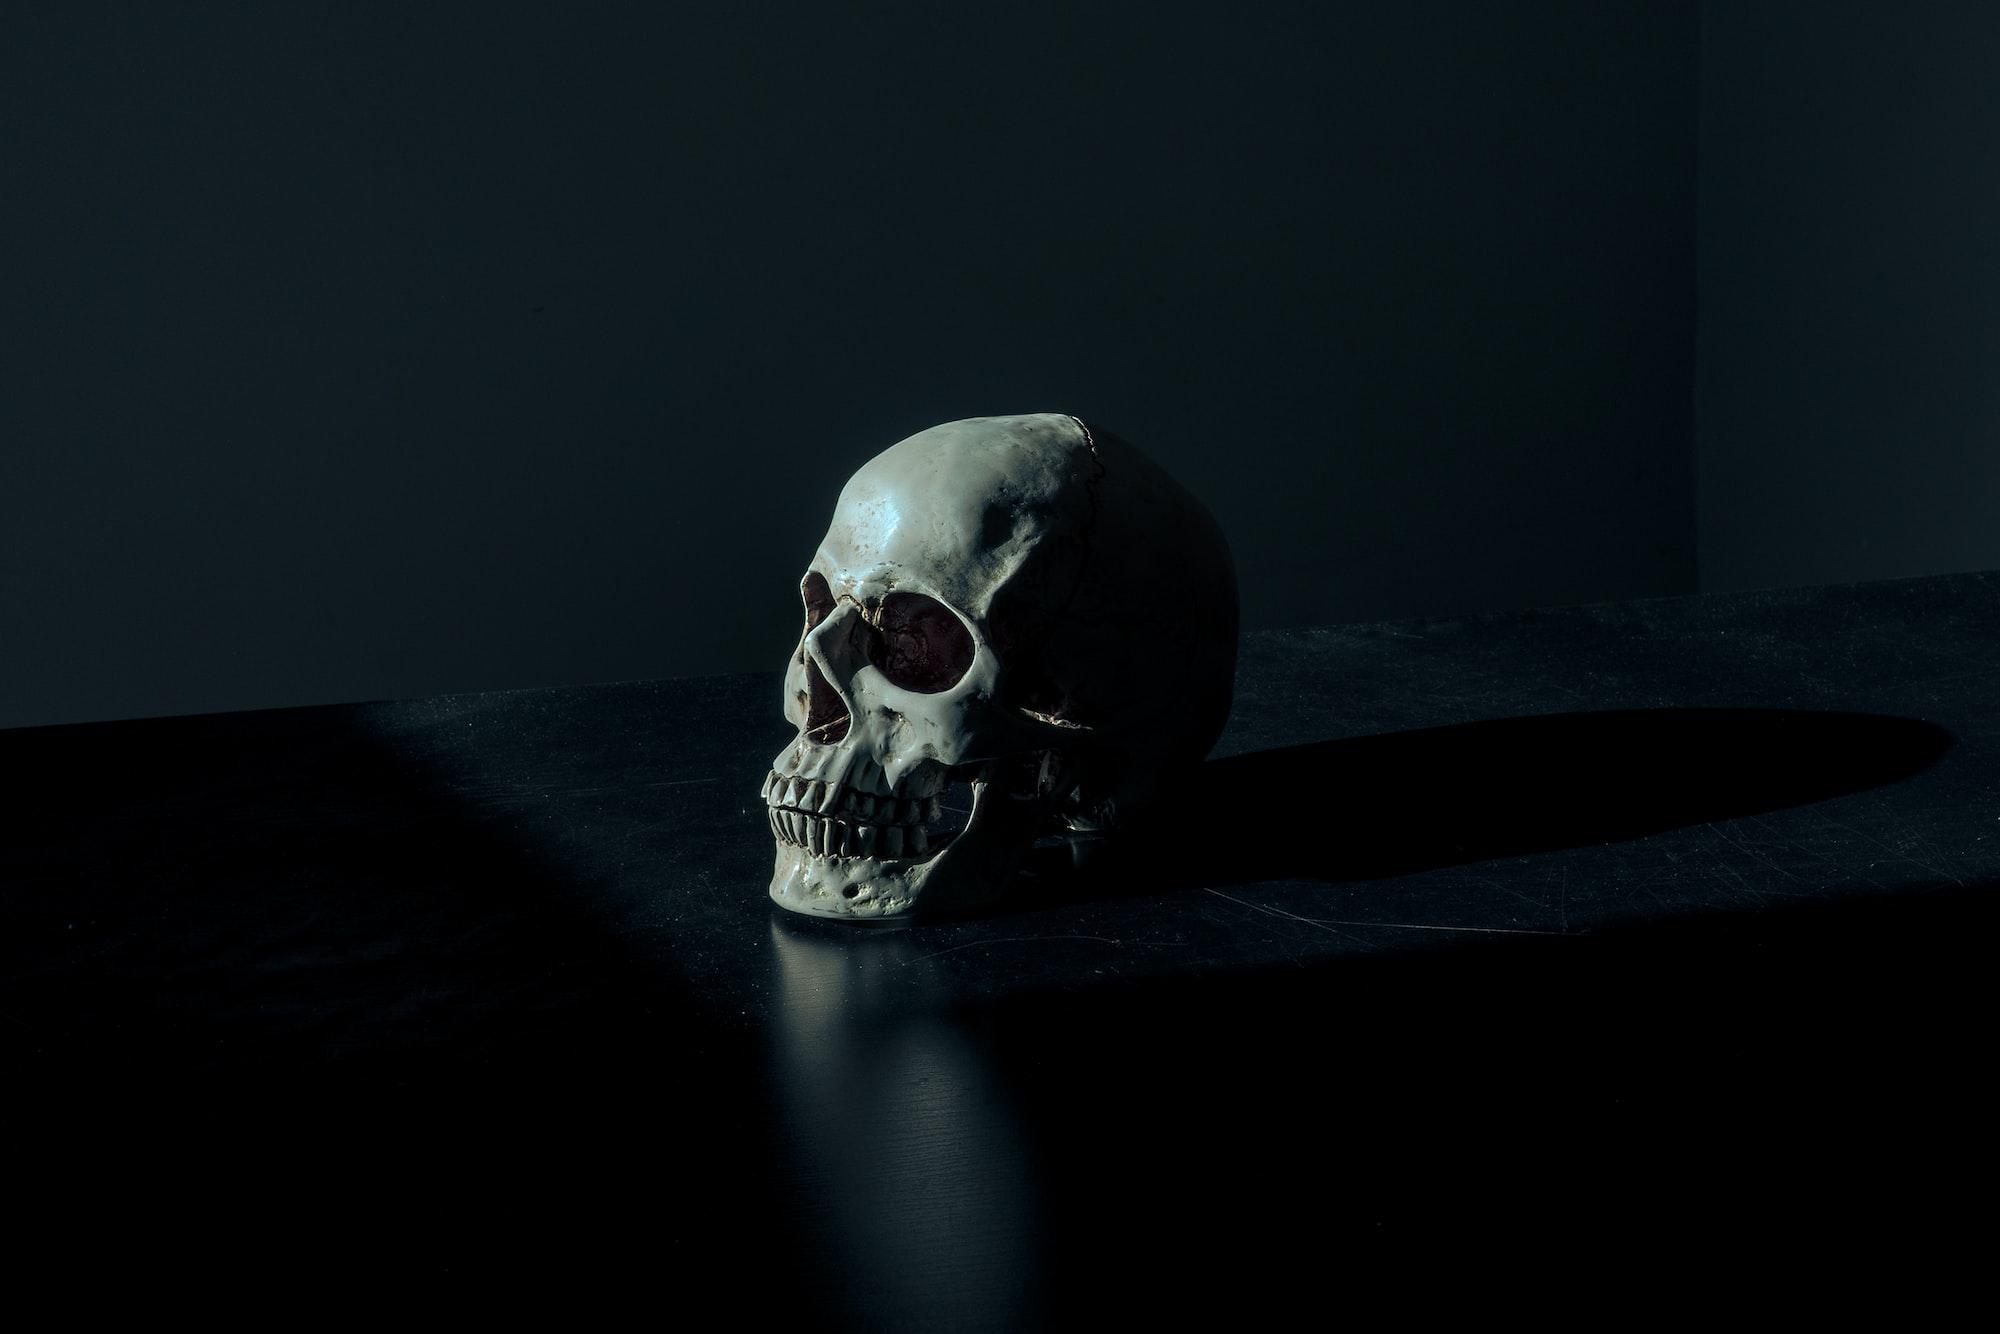 era ceifá-lo jamais a Morte